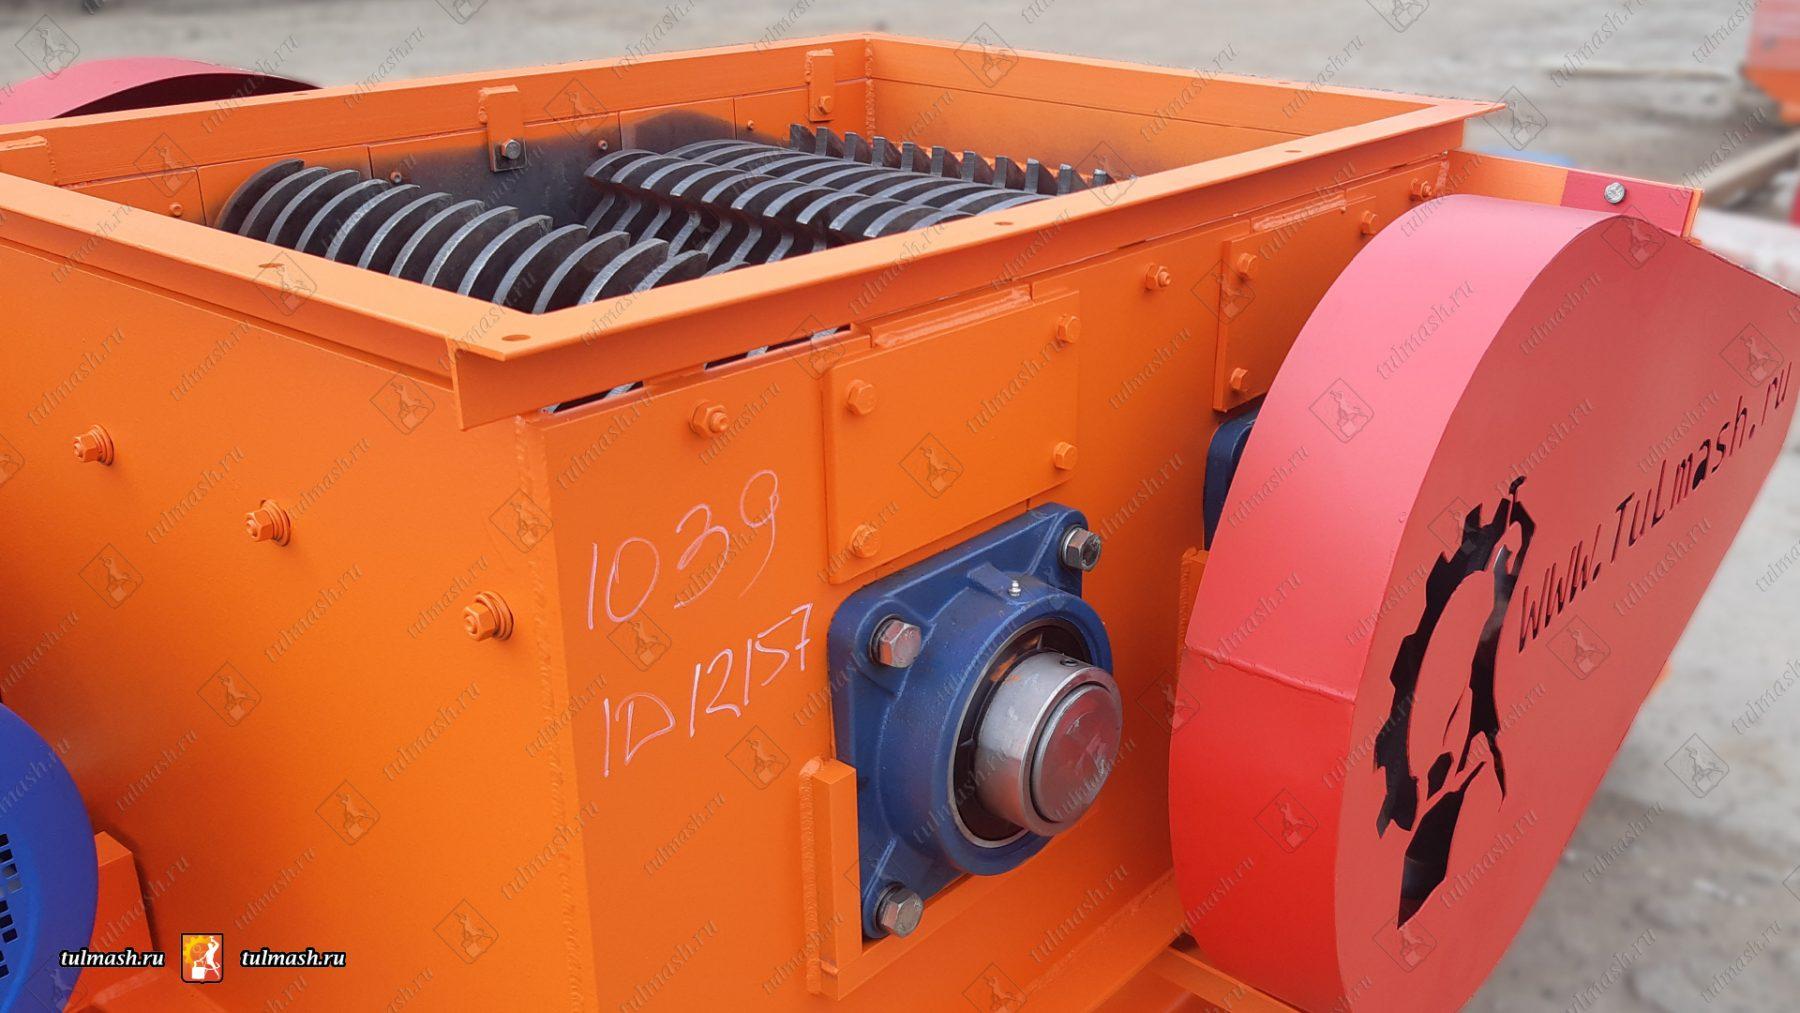 Роторно-дисковый измельчитель РДИ-2/620